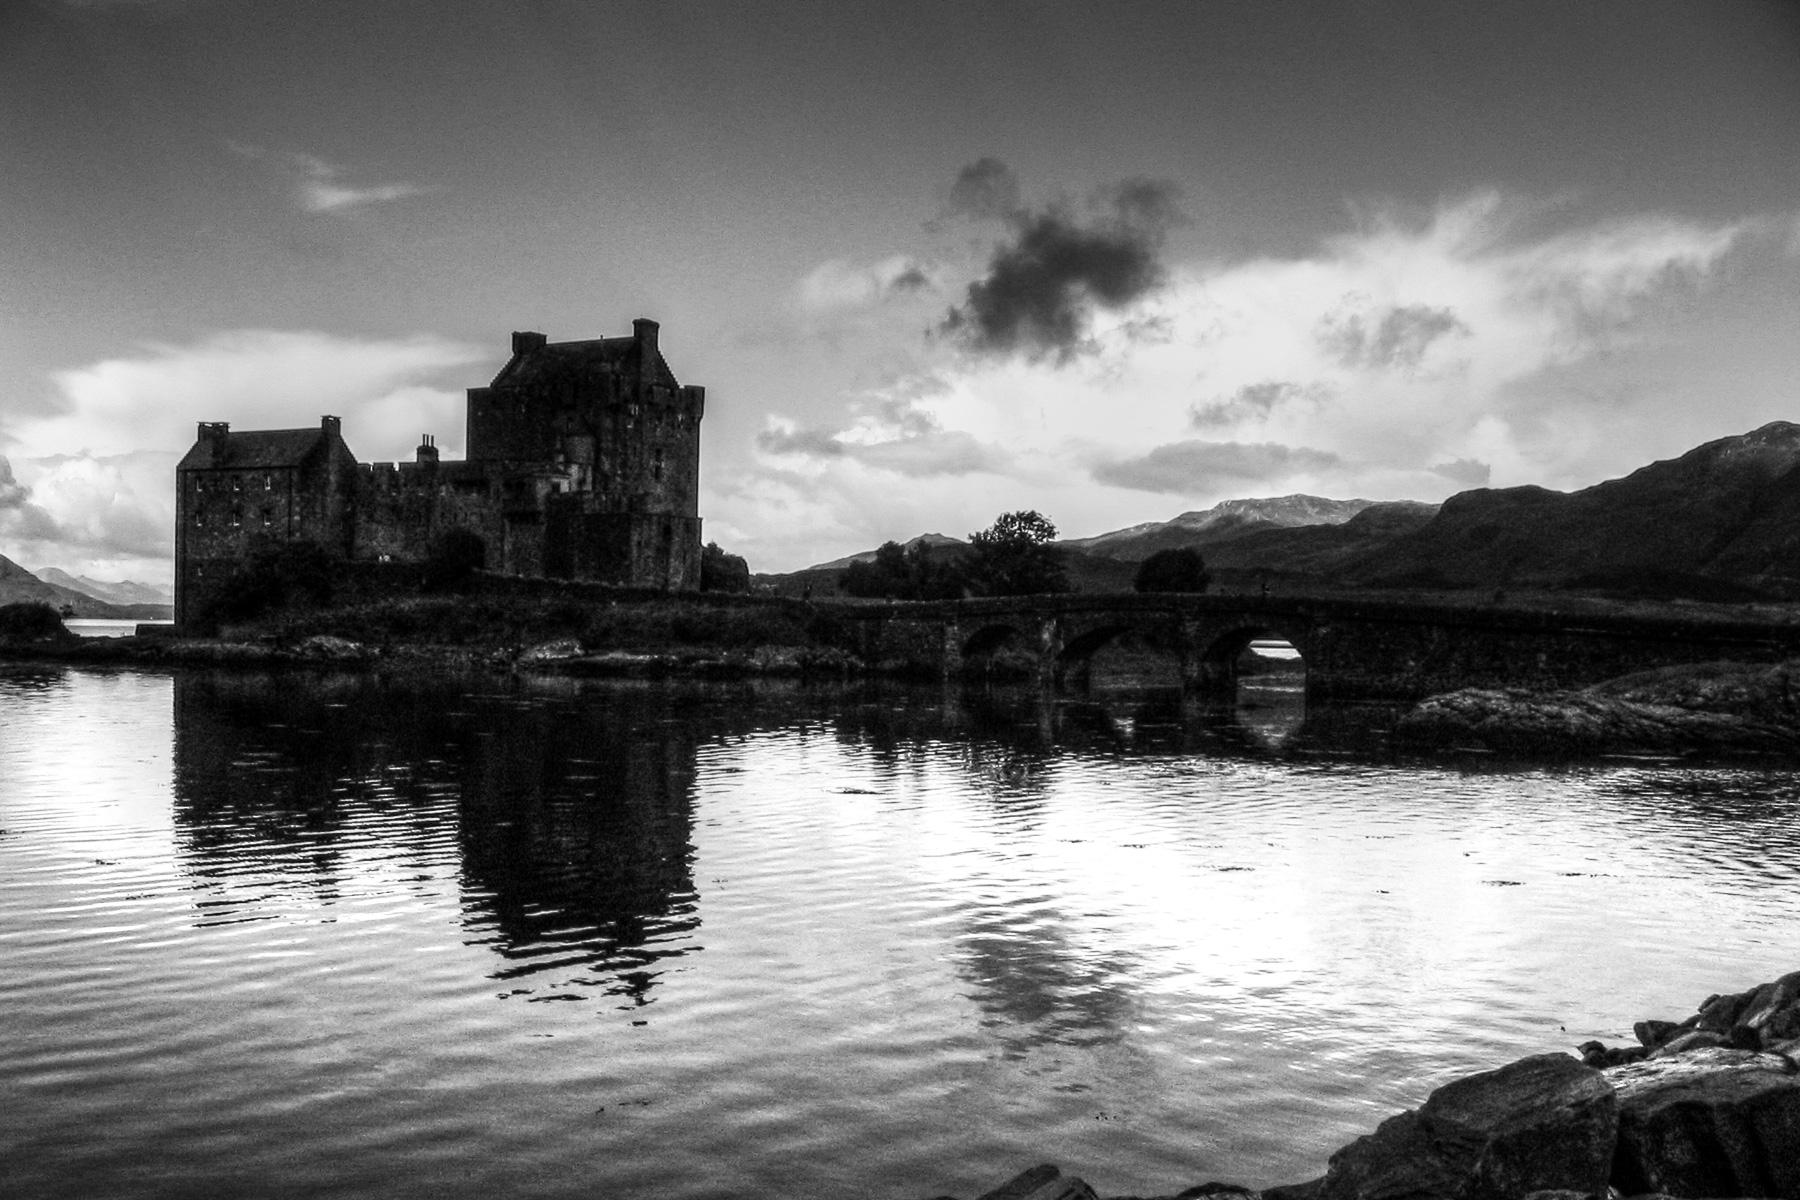 Elan Donnel Castle